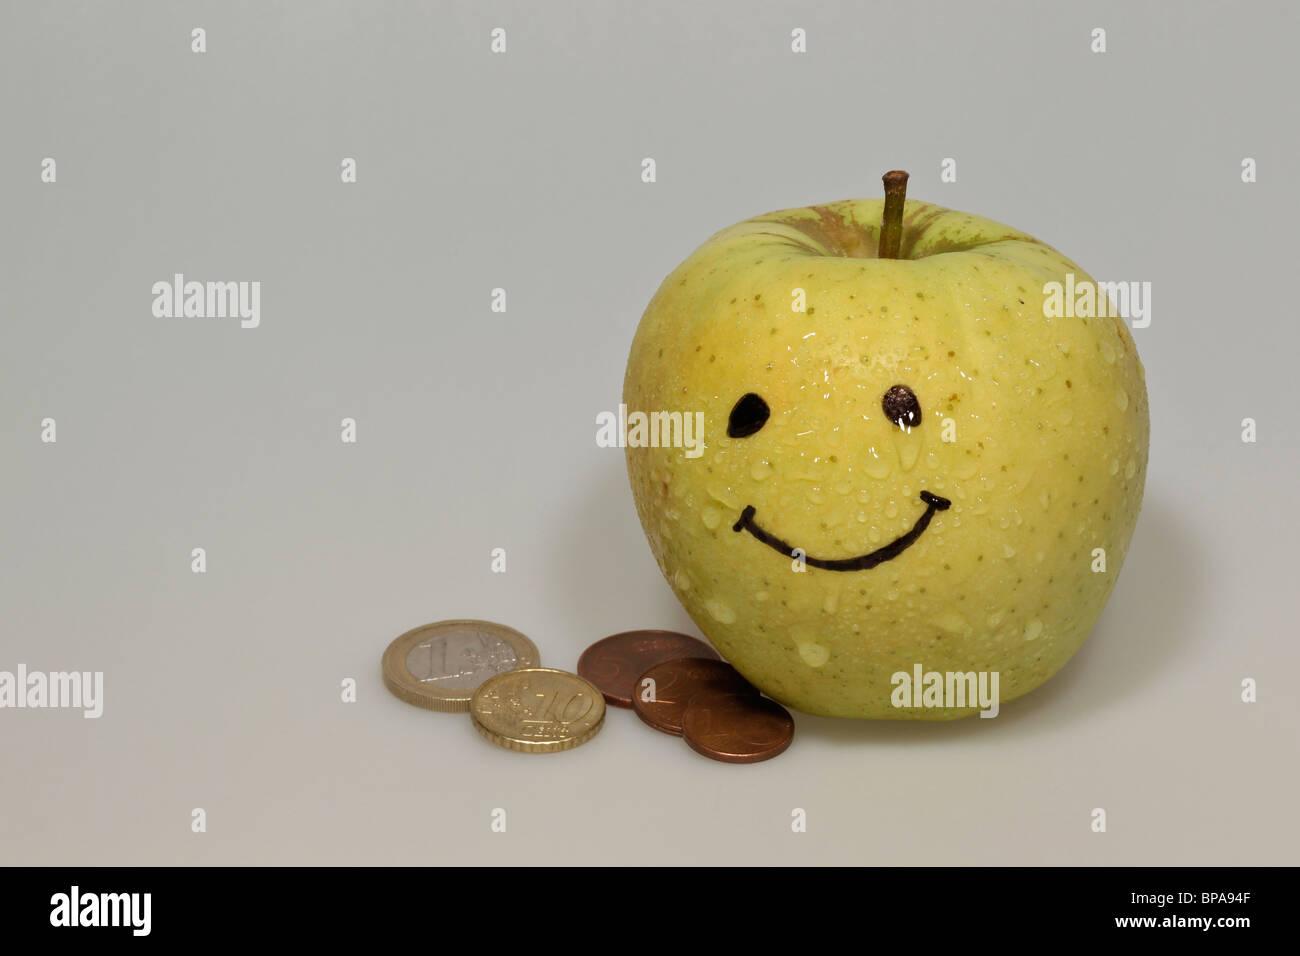 Smiley Gelber Apfel Mit Tropfen Wasser Und Euro Münzen Stockfoto